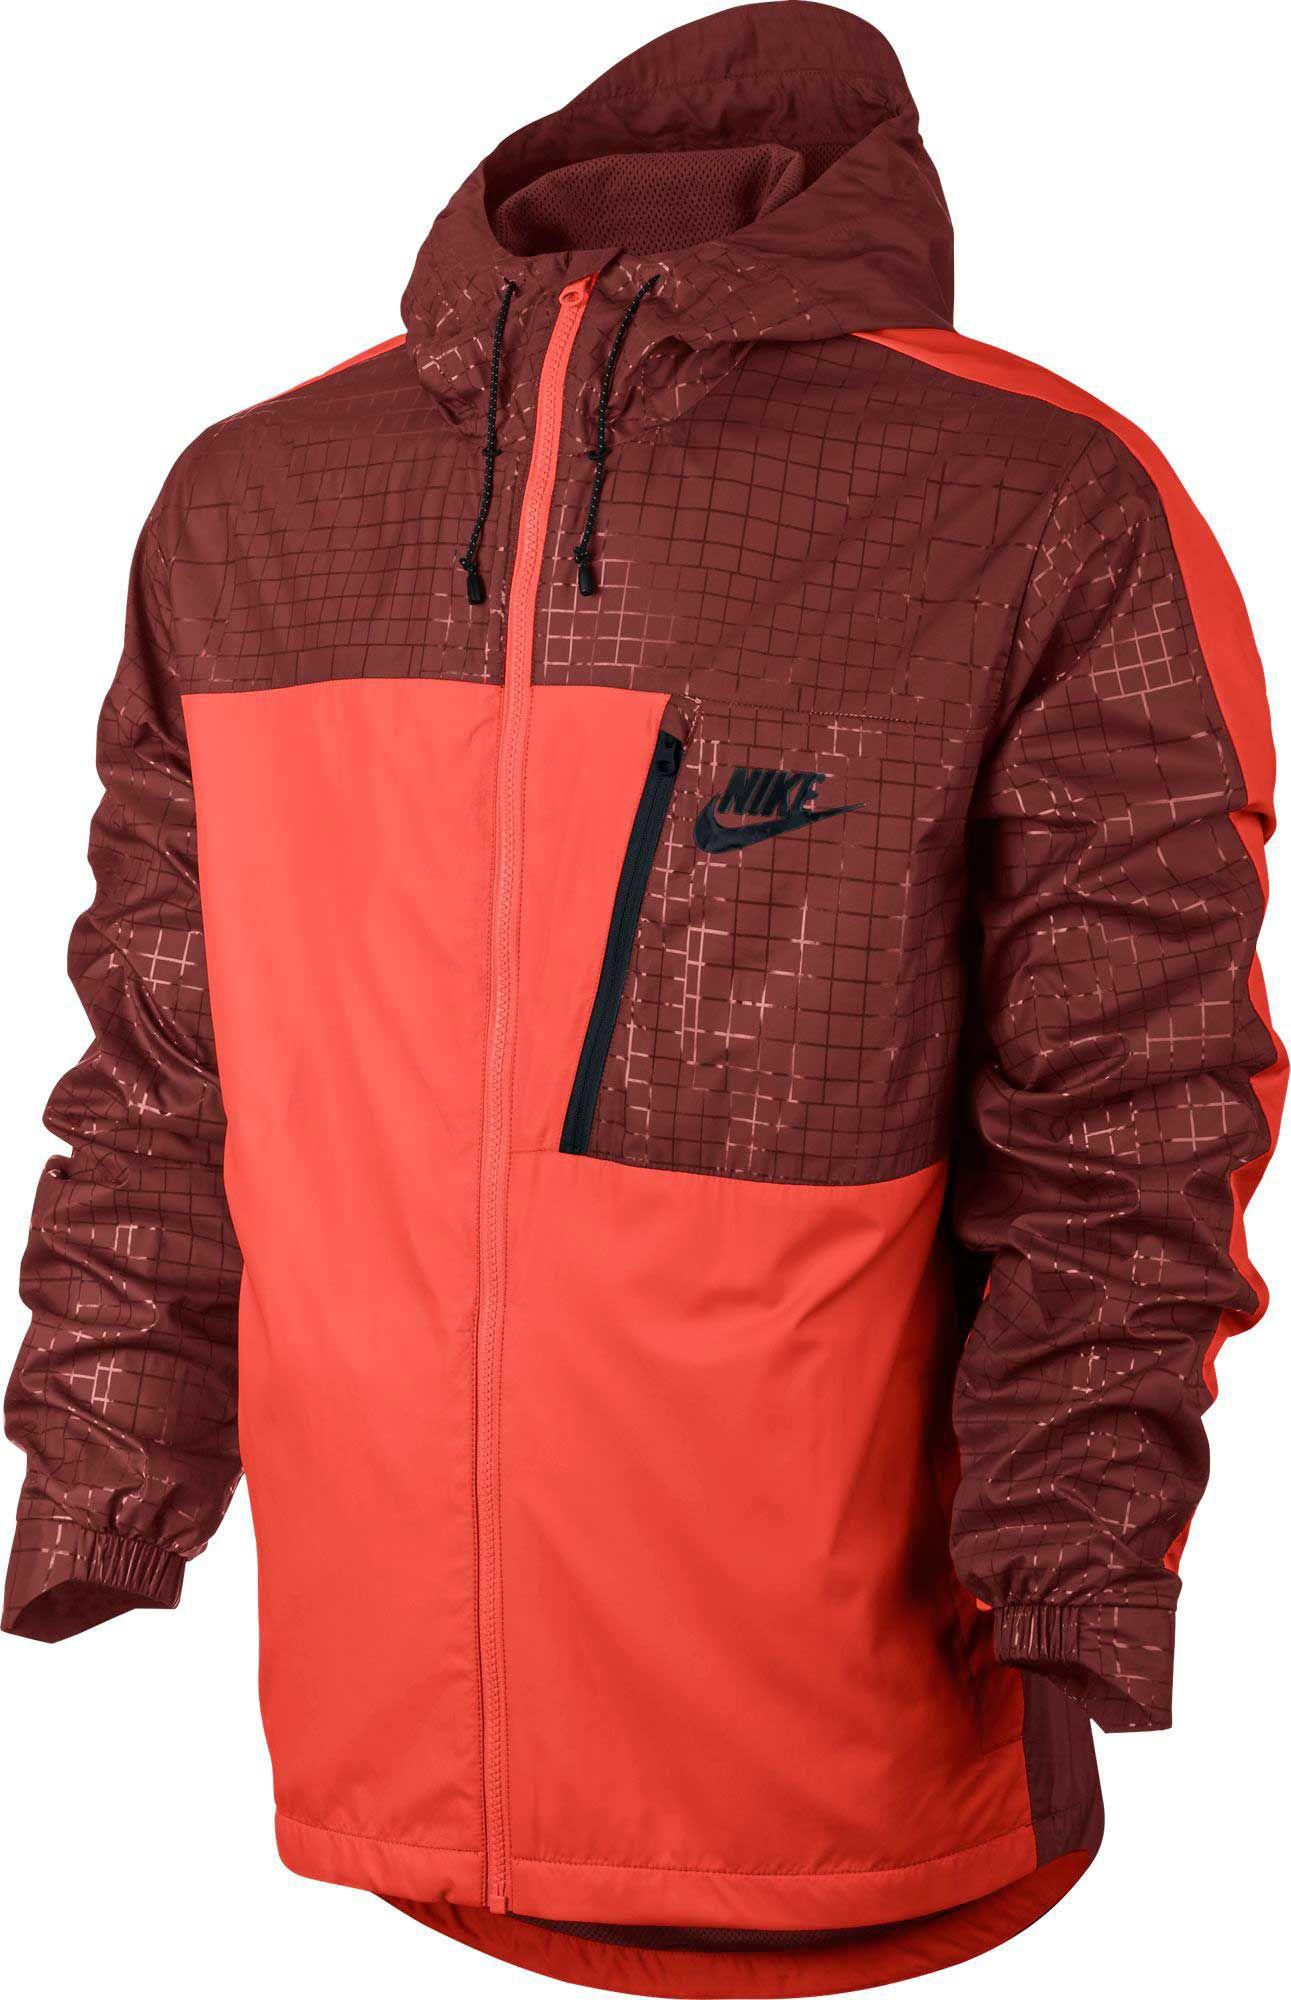 Nike Men's Sportswear Advance 15 Full Zip Fleece Jacket | DICK'S ...